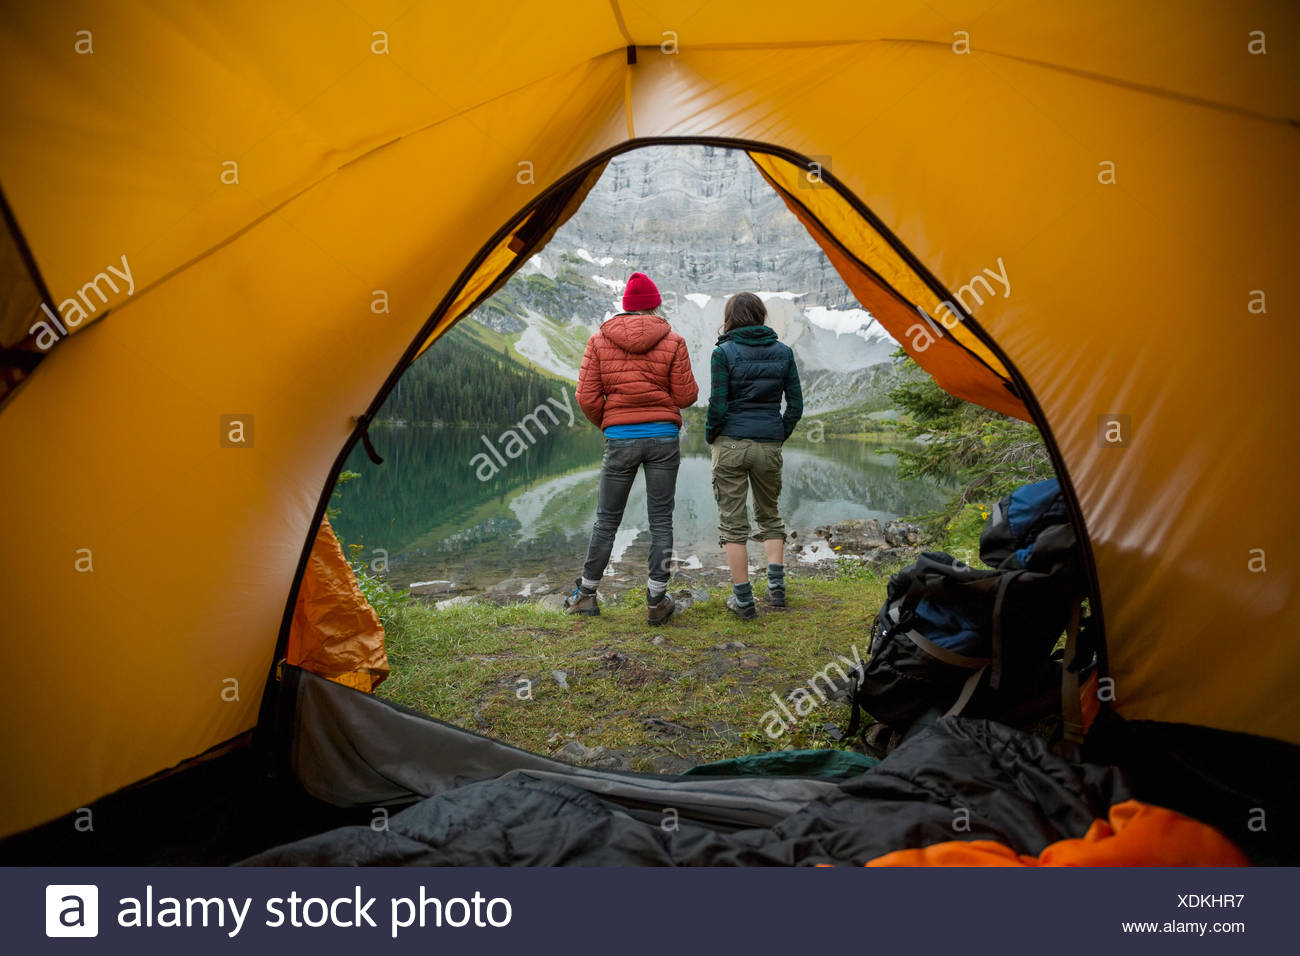 Mujeres Buscando amigos en lake view outside carpa camping Imagen De Stock